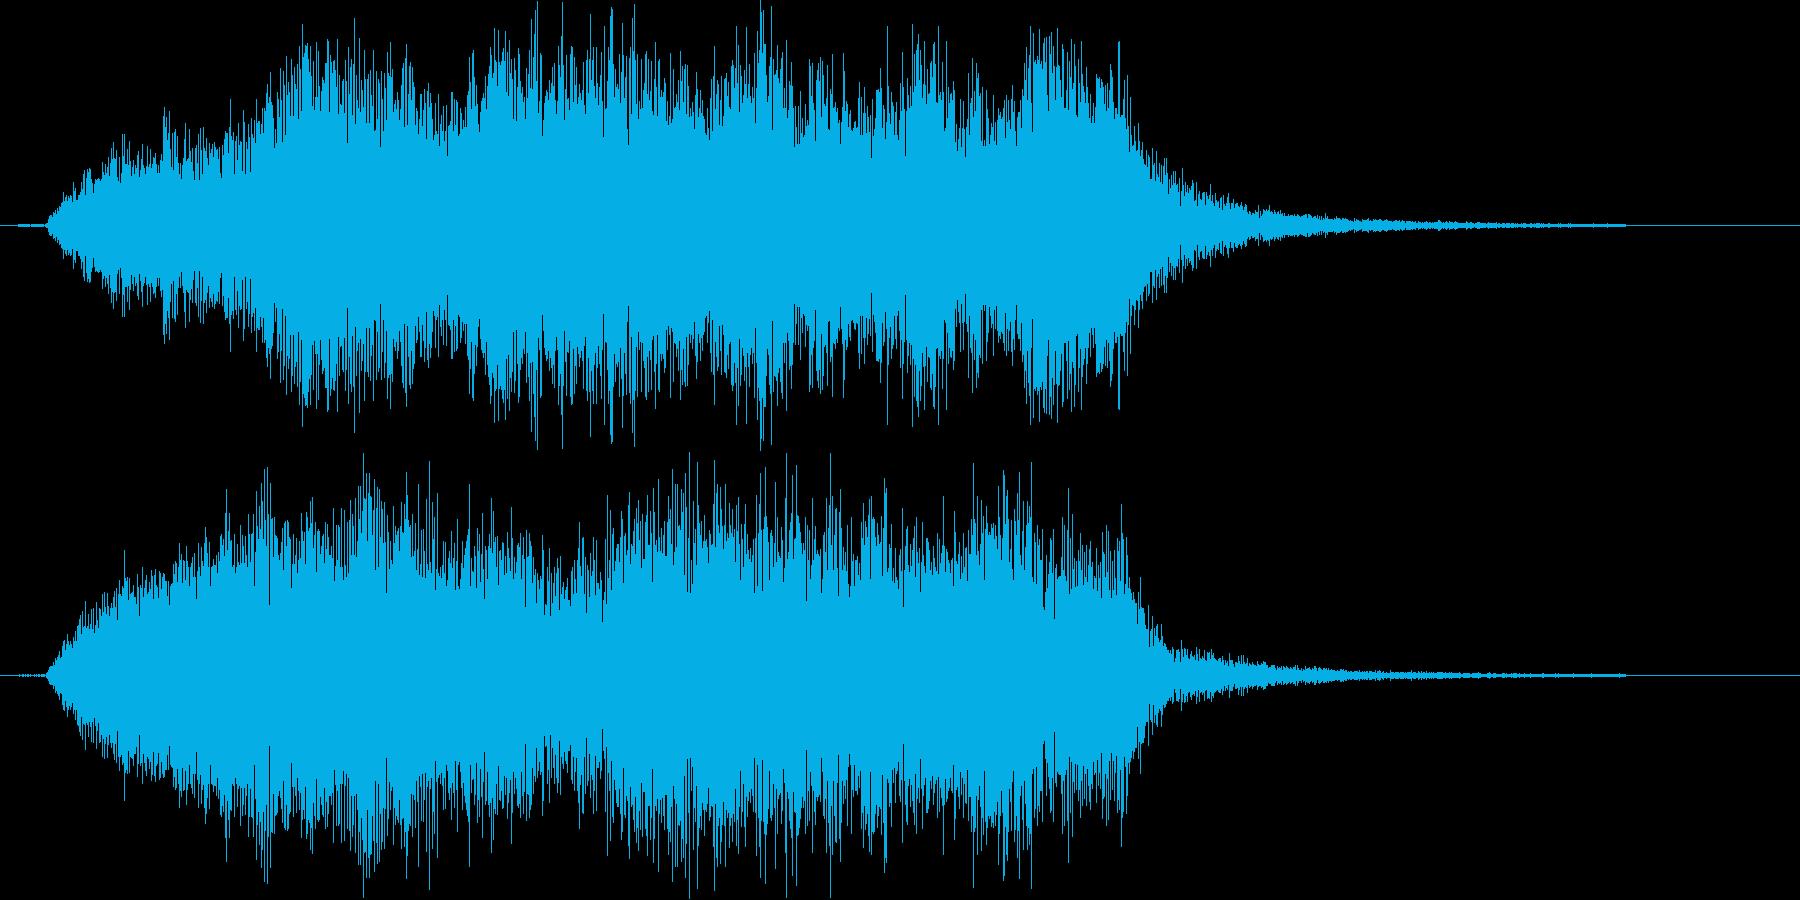 荘厳なピアノクラシックの再生済みの波形